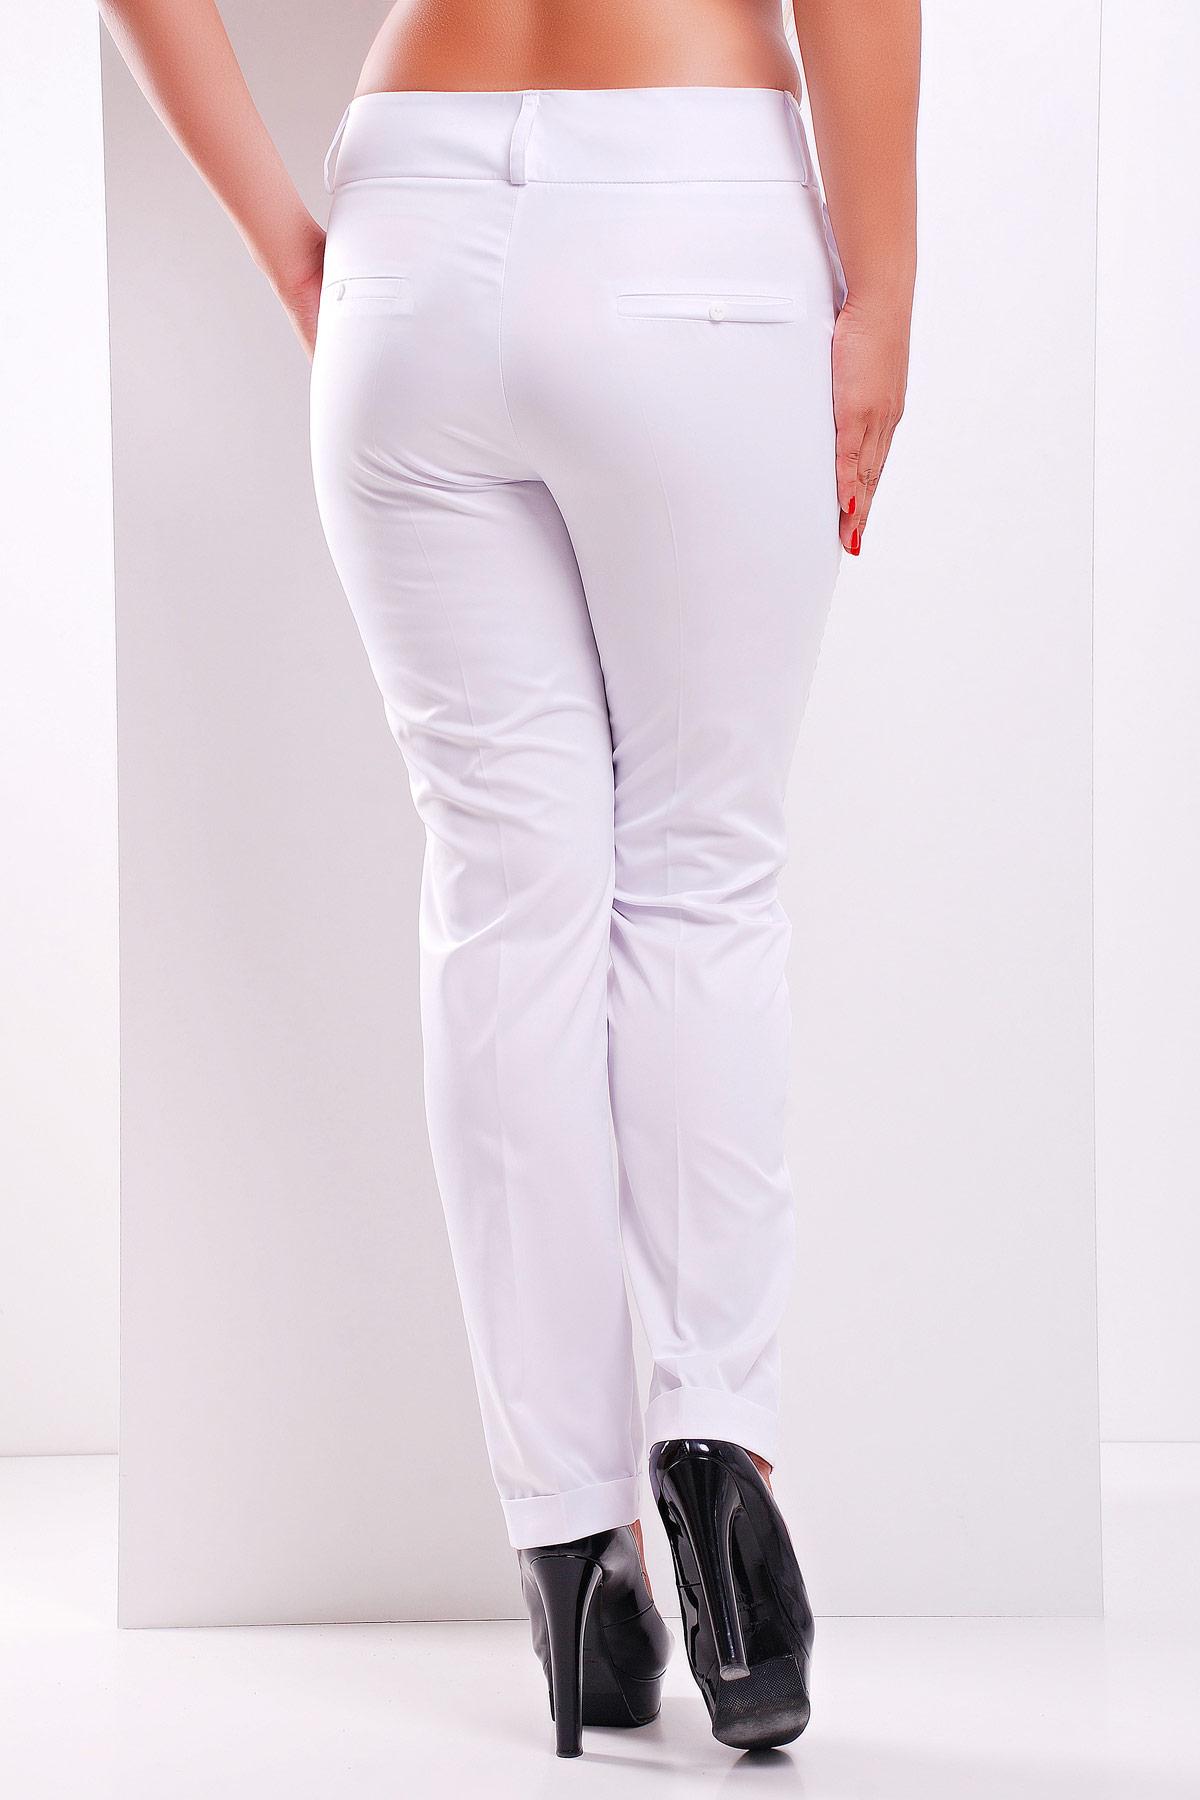 167fc9f6584 женские светлые брюки больших размеров. брюки Хилори-Б. Цвет  белый купить